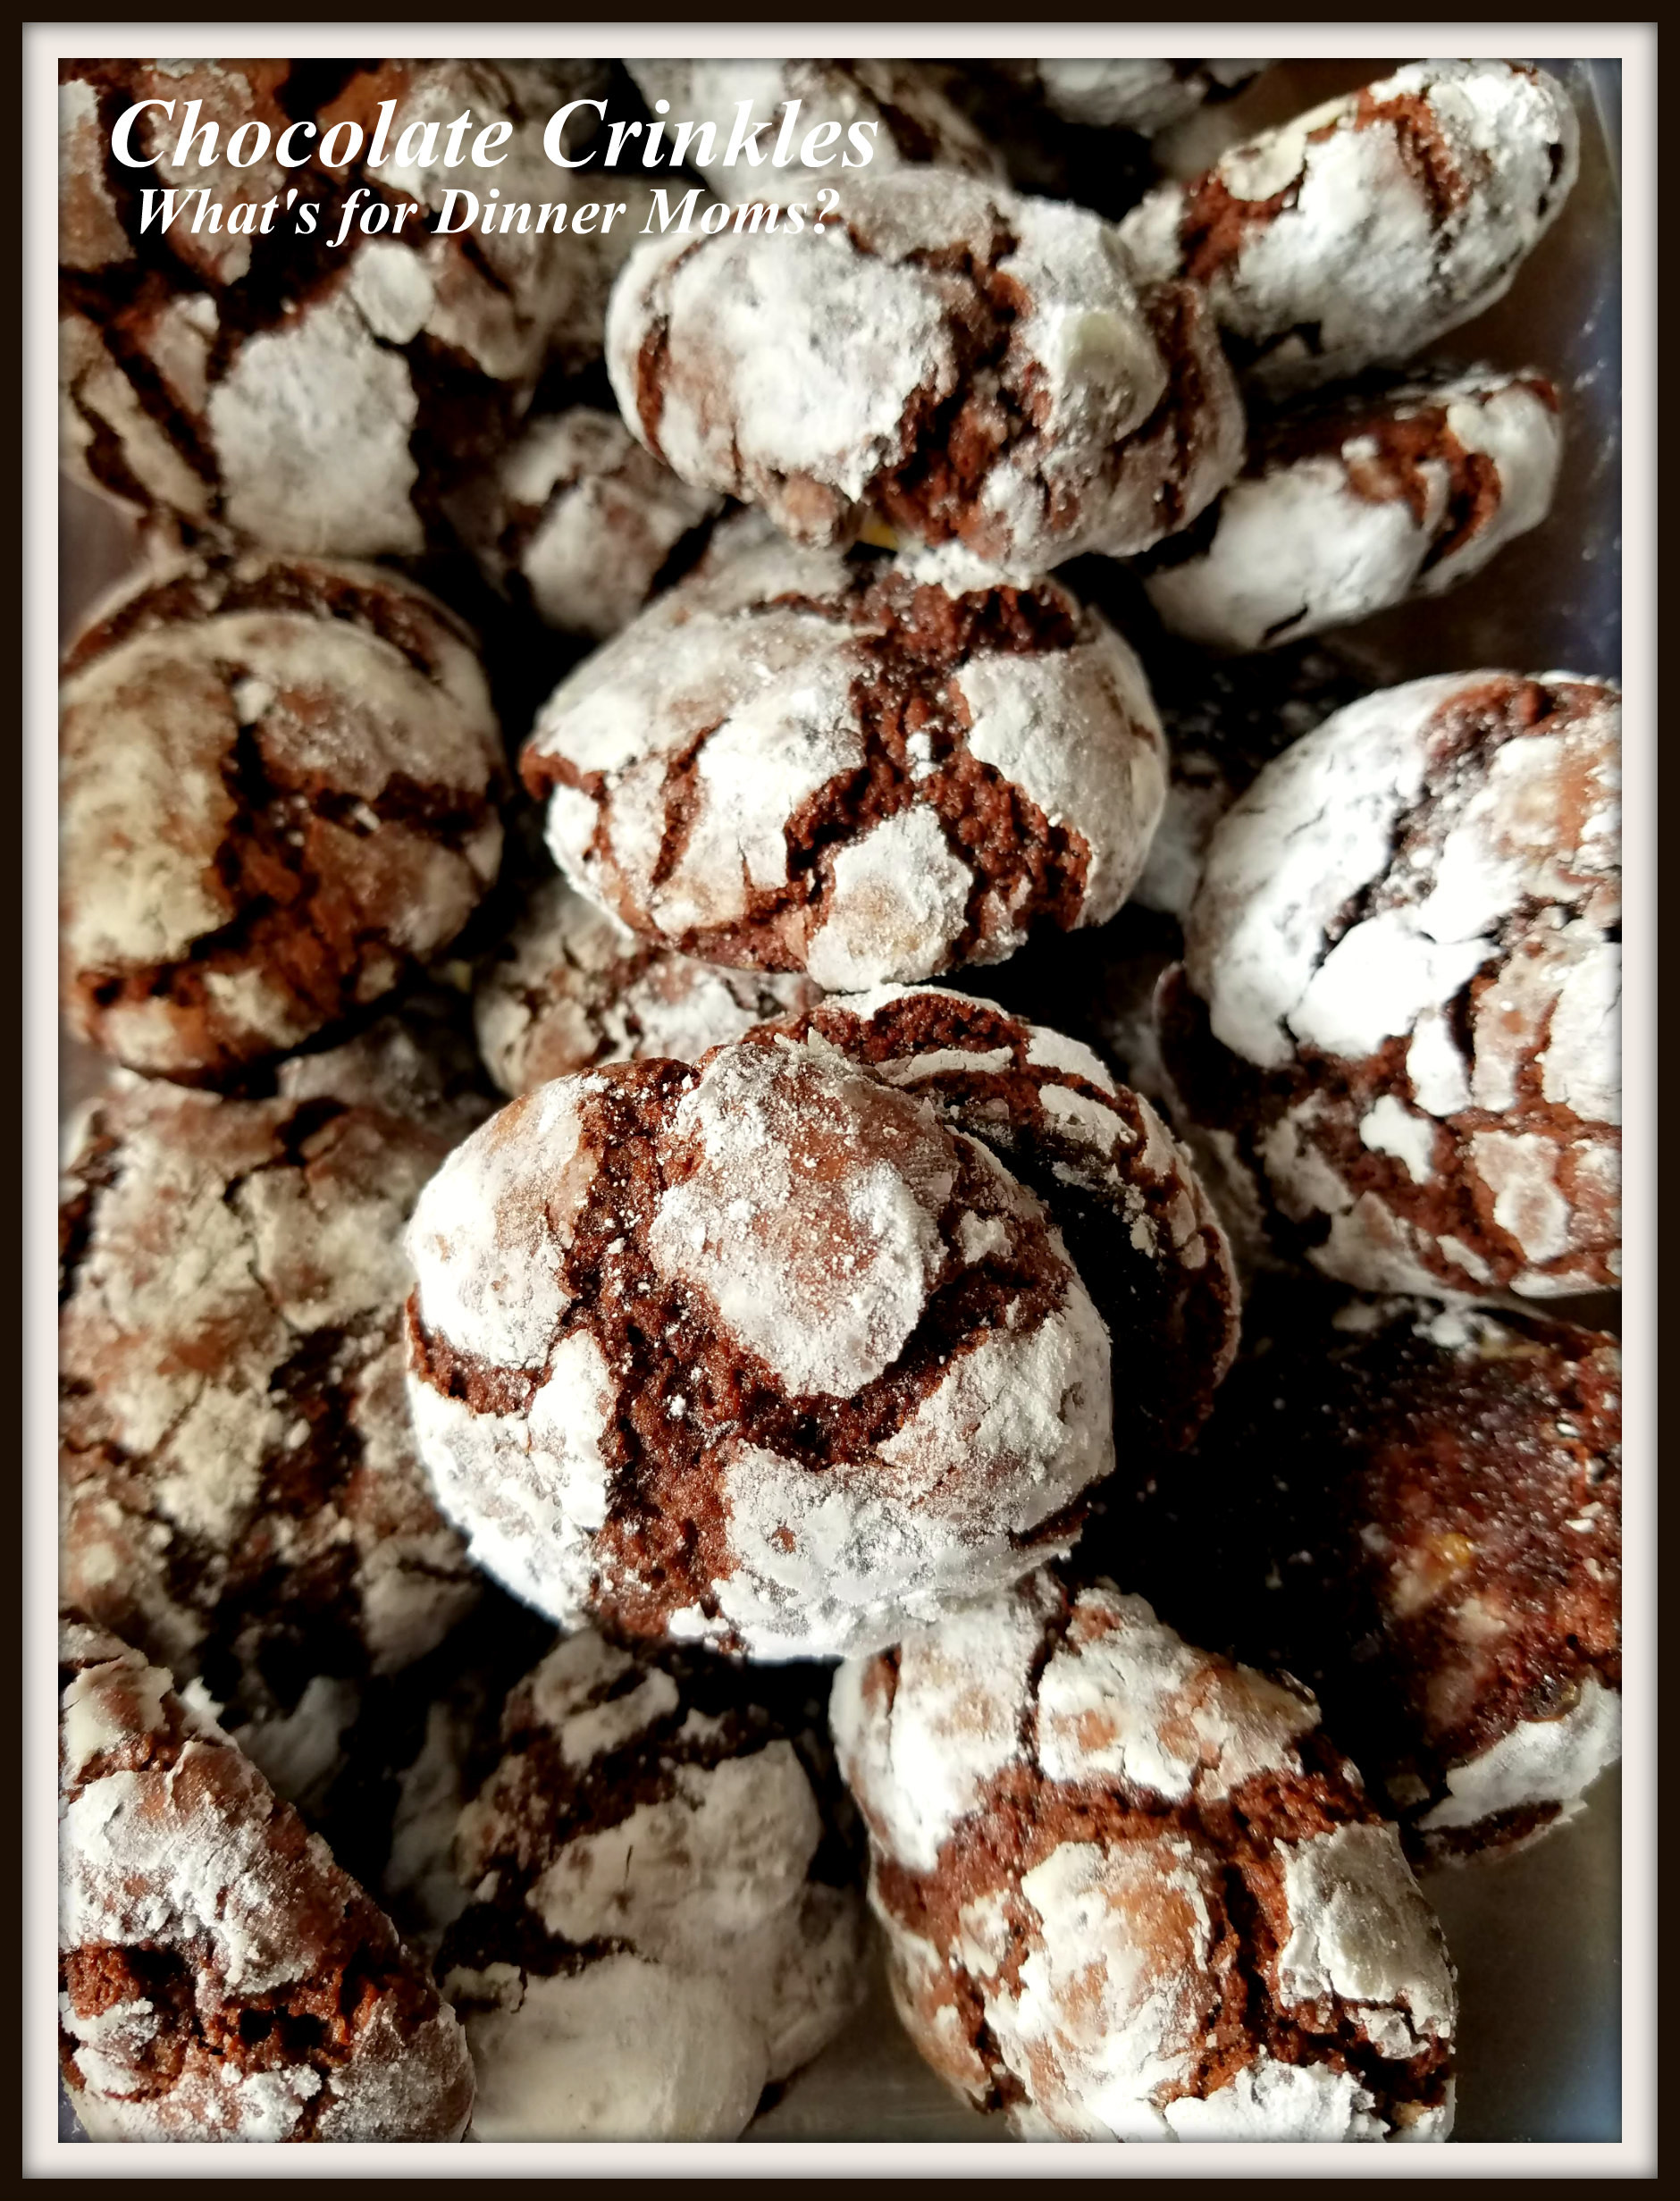 Christmas Cookies 2019 Movie  Christmas Cookies Week 1 2019 Chocolate Crinkles – What